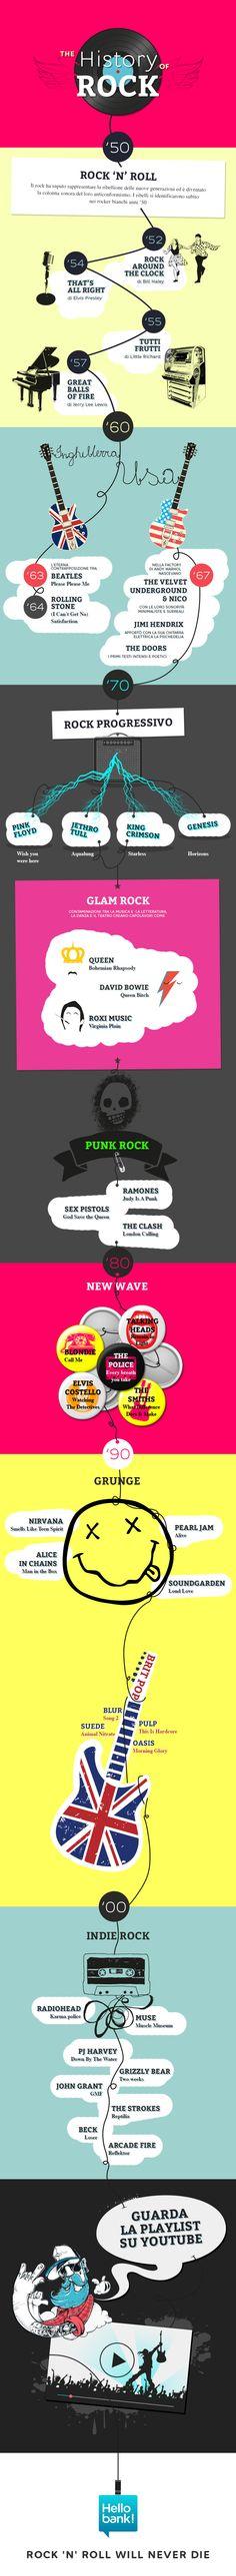 Clicca l'infografica per ascoltare la playlist